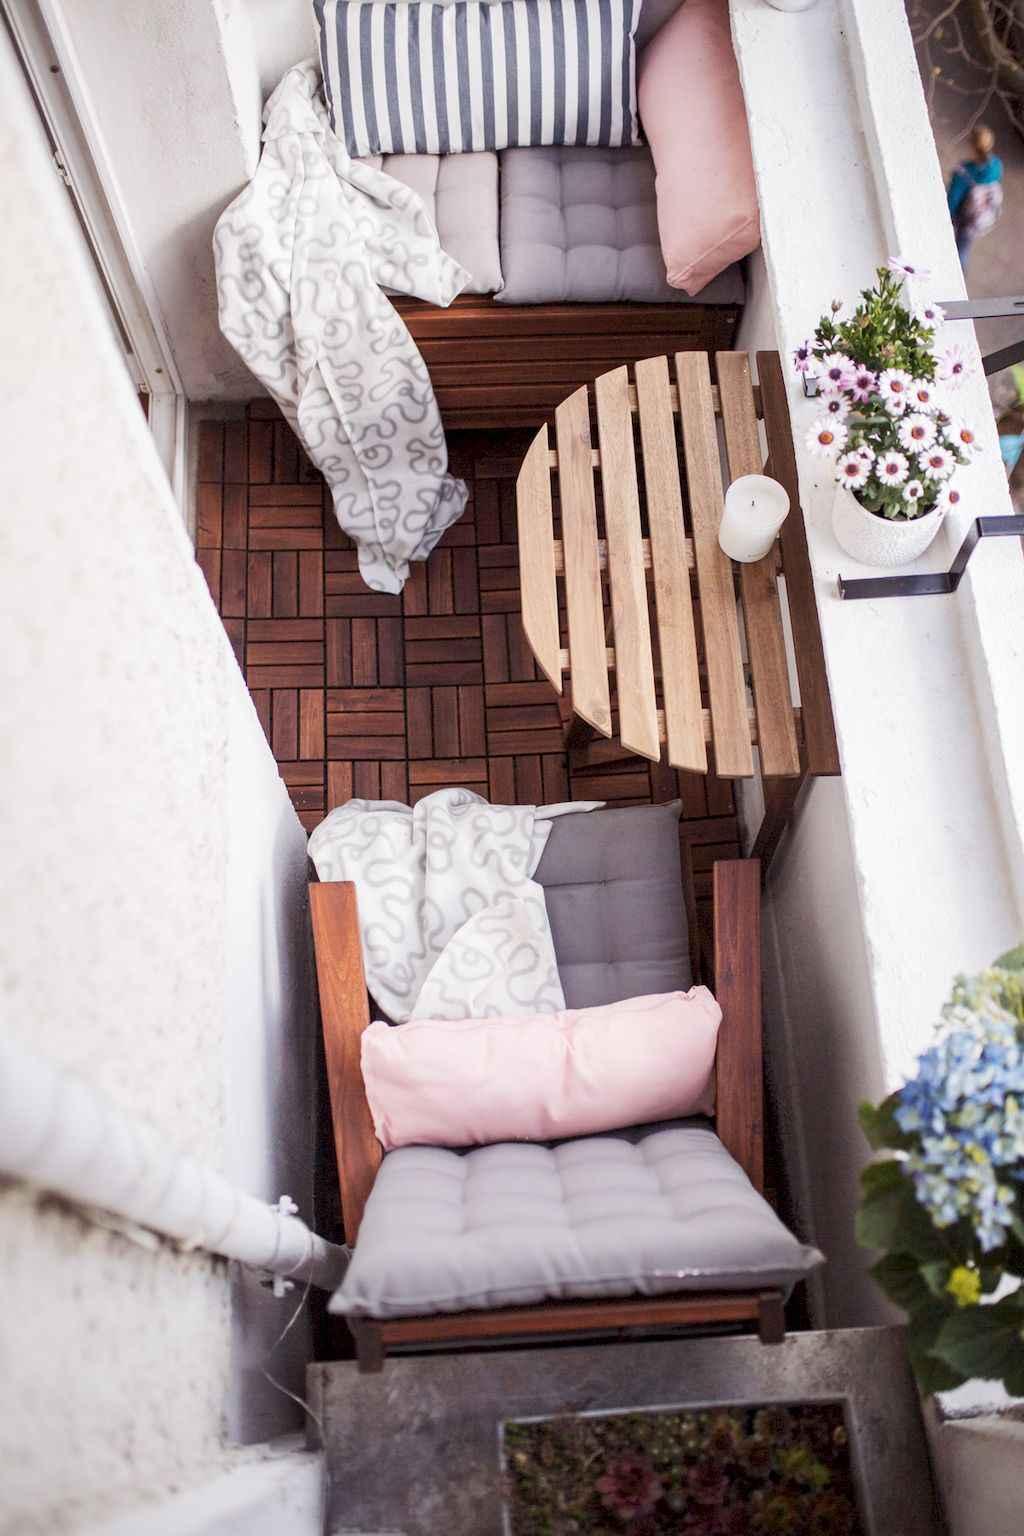 Small balcony decoration ideas (11)